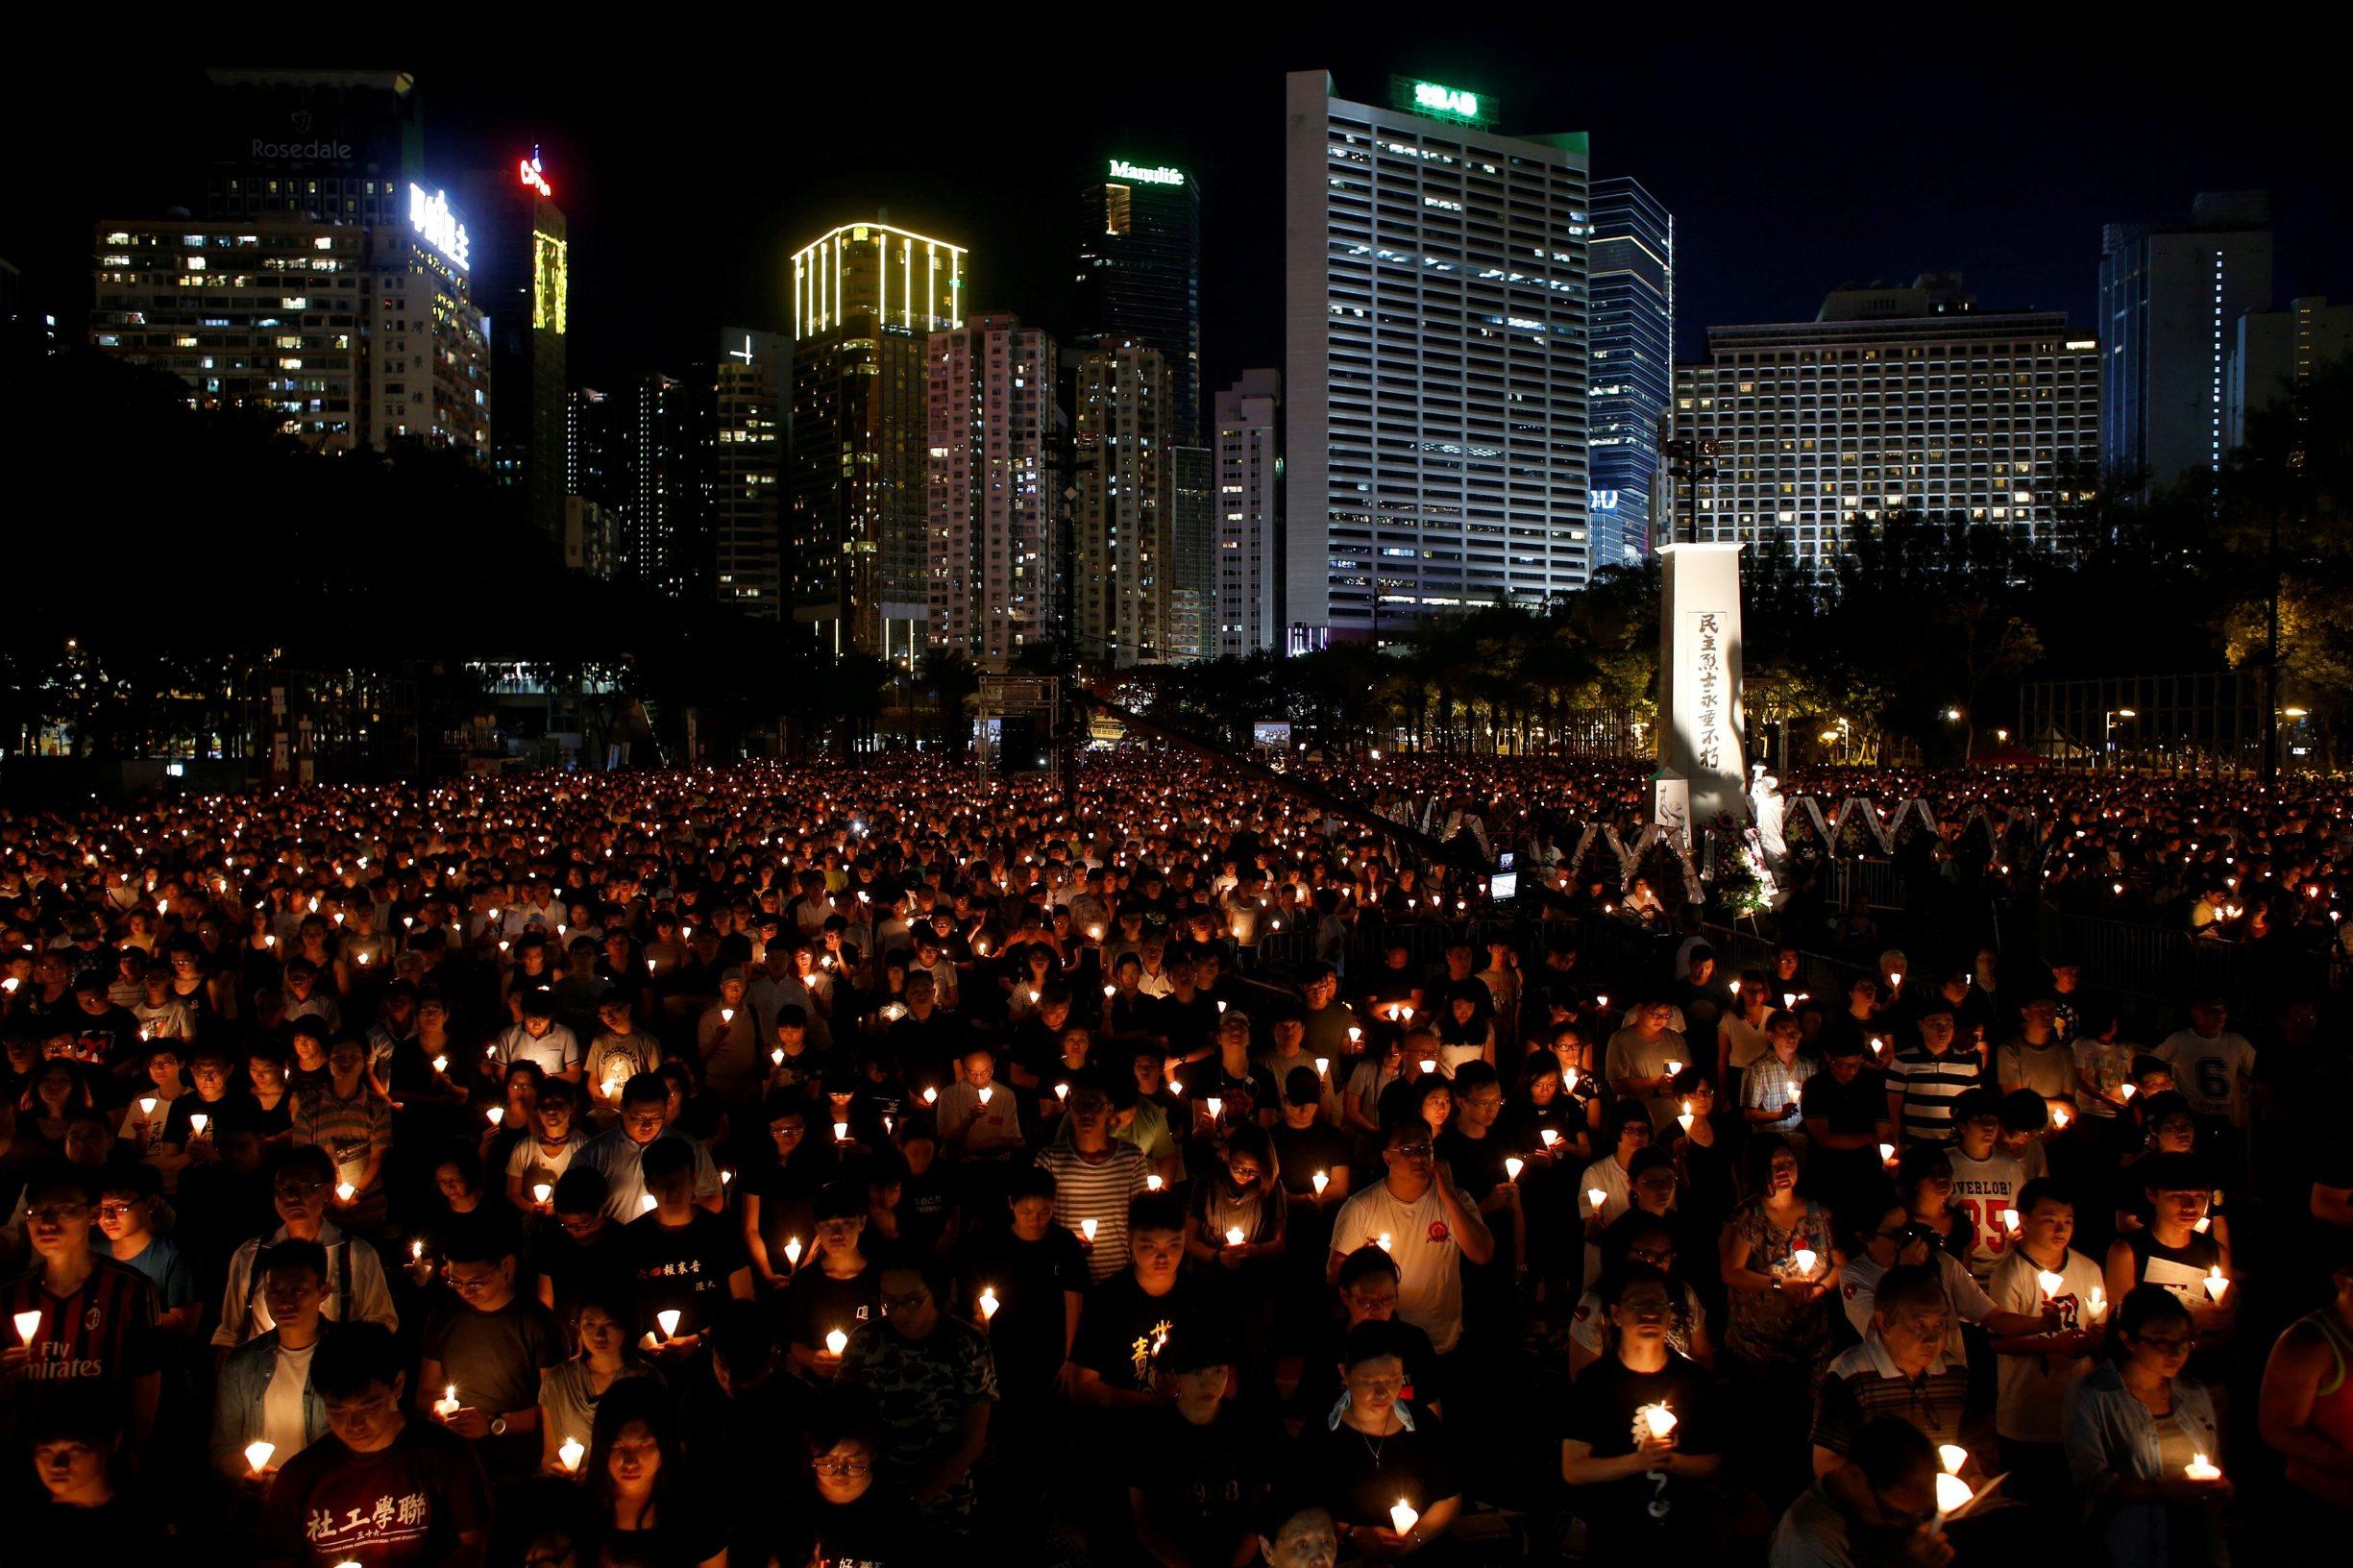 Deseci tisuća ljudi na bdijenju uz svijeće u Hong Kongu prisjetili su se krvavog gušenja prosvjeda studenata i zagovornika demokracije na pekinškom trgu Tiananmen iz 1989. godine